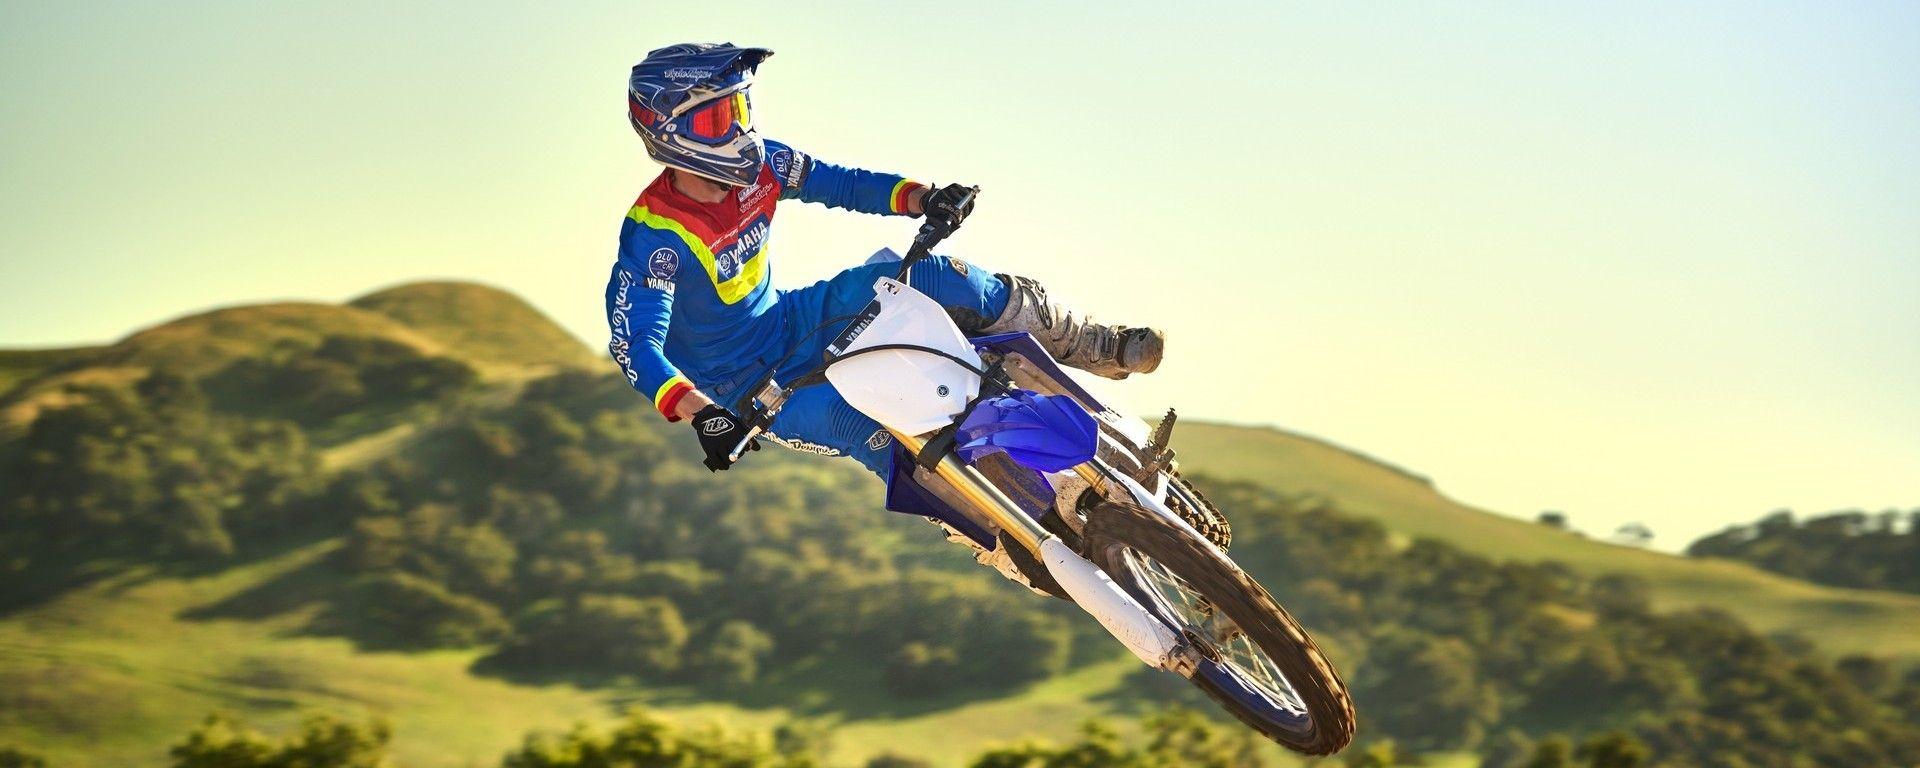 Yamaha: presentata la nuova gamma enduro